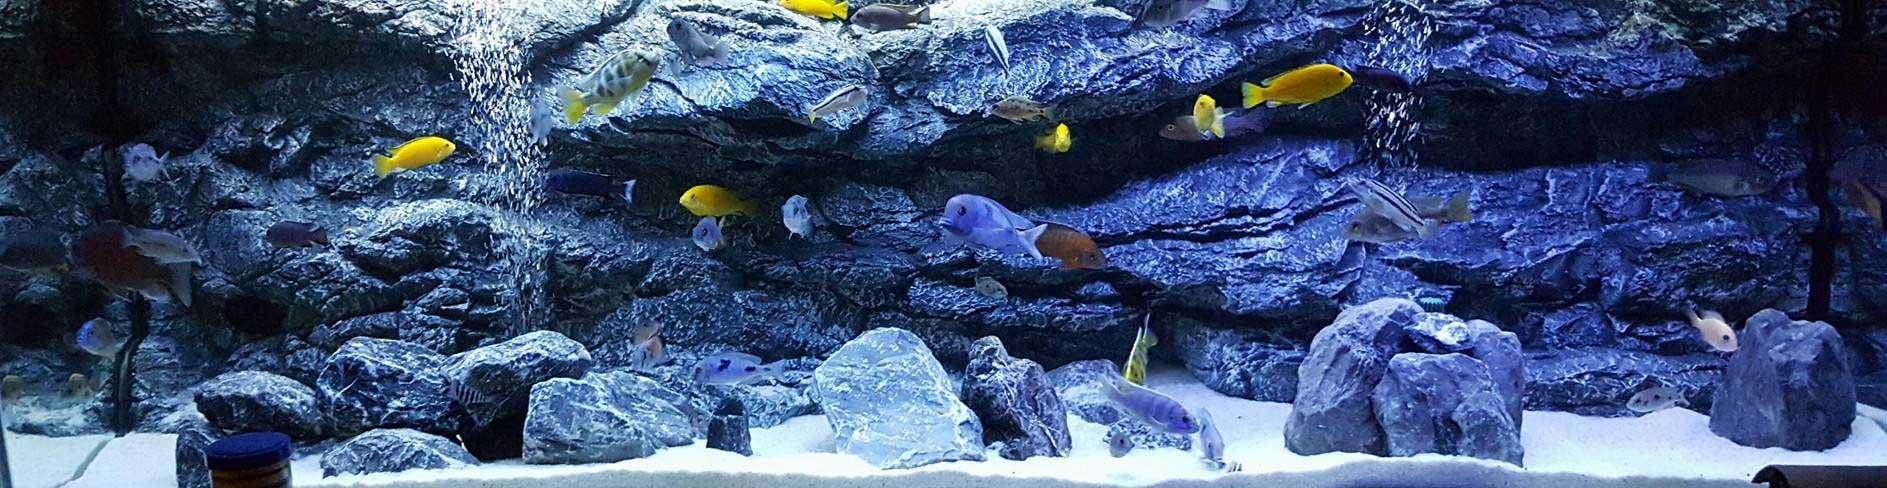 Alimar Alpenkalk Background In The Aquarium